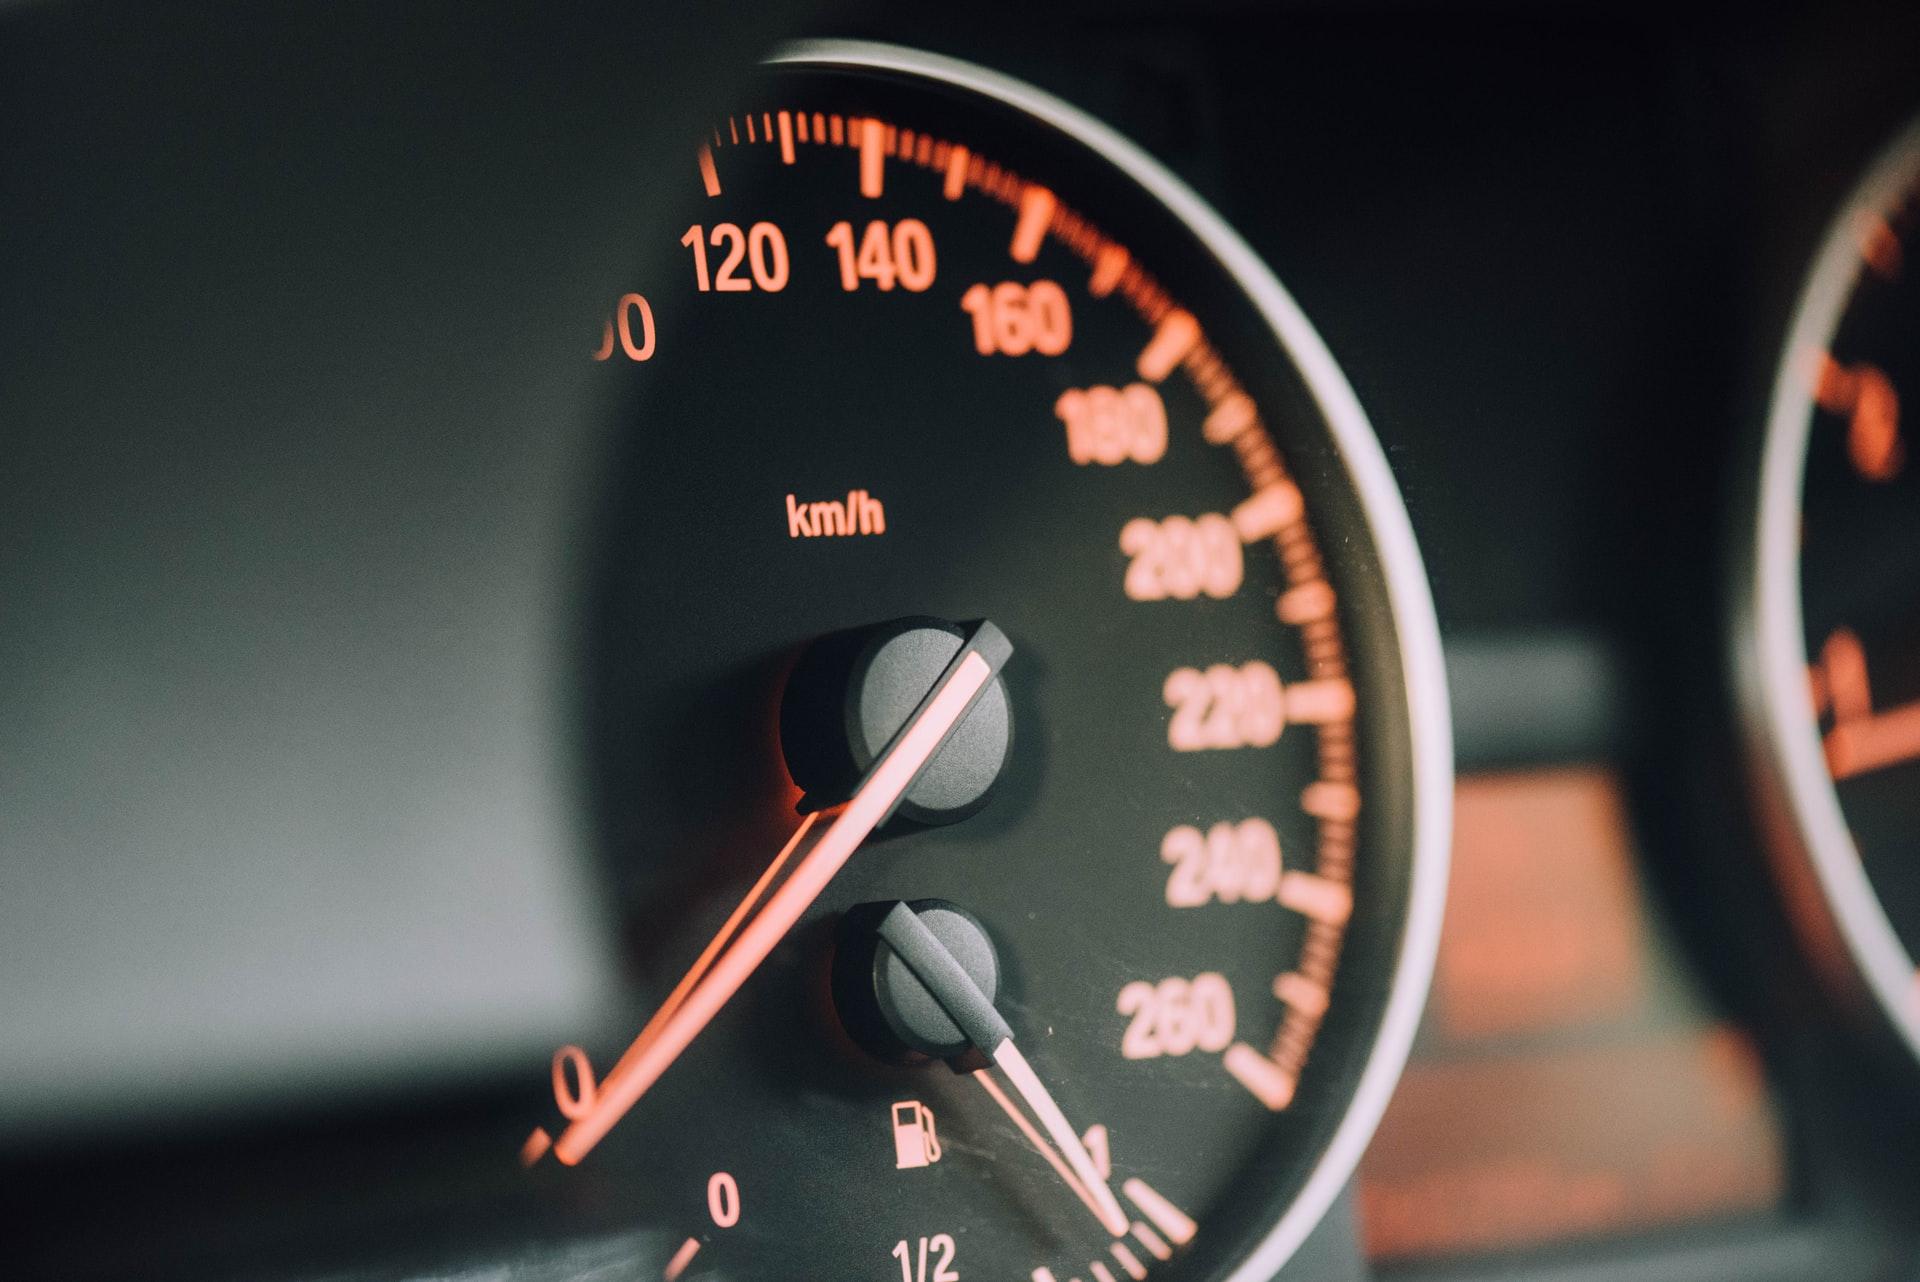 自動車保険は比較した方がいいって本当?重視すべきポイントを徹底解説!